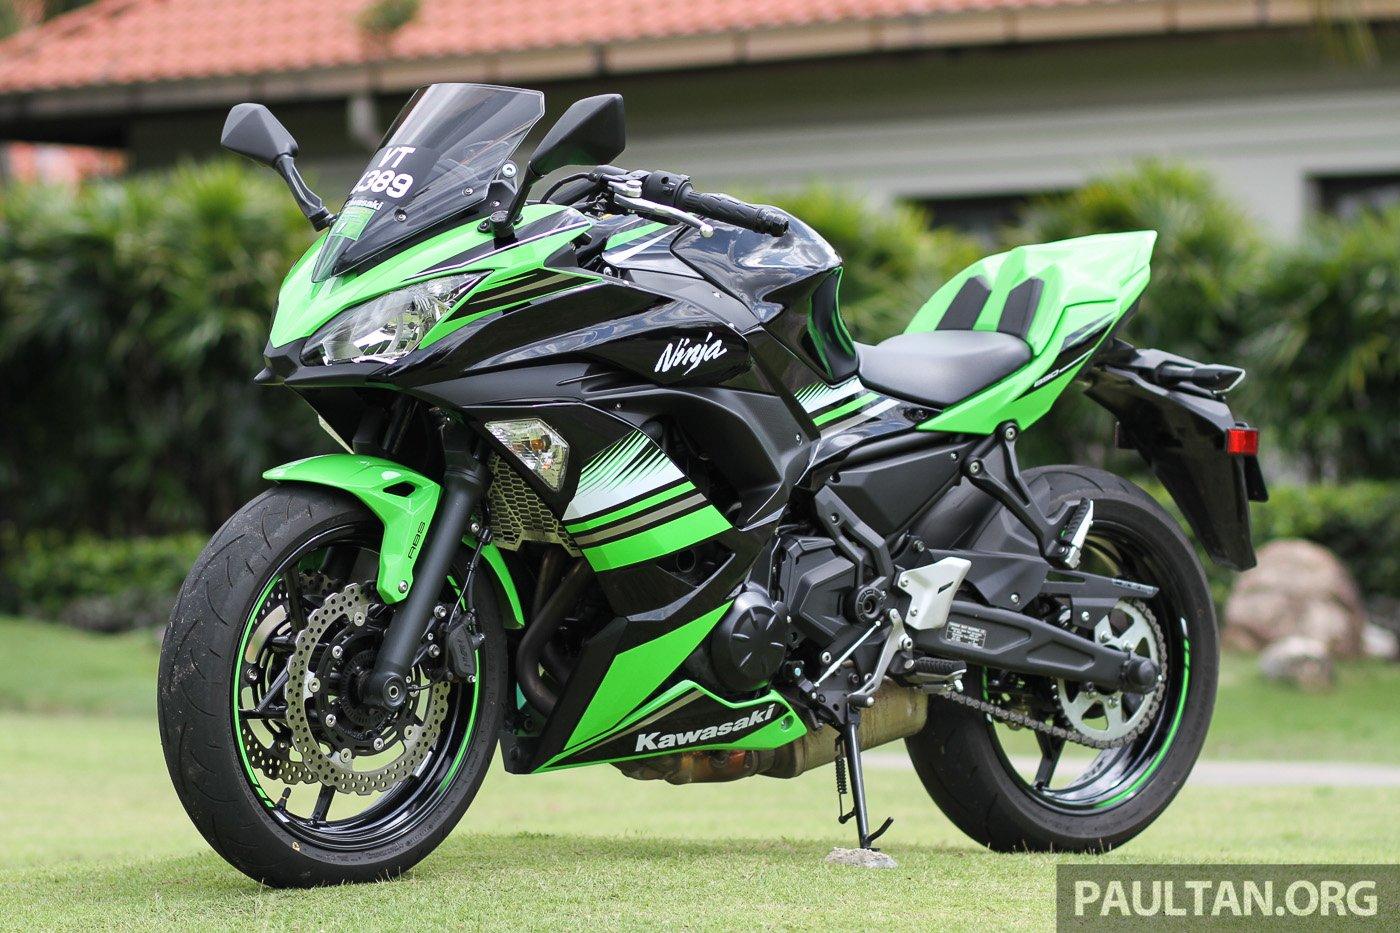 Kawasaki Ninja Zxr Horsepower